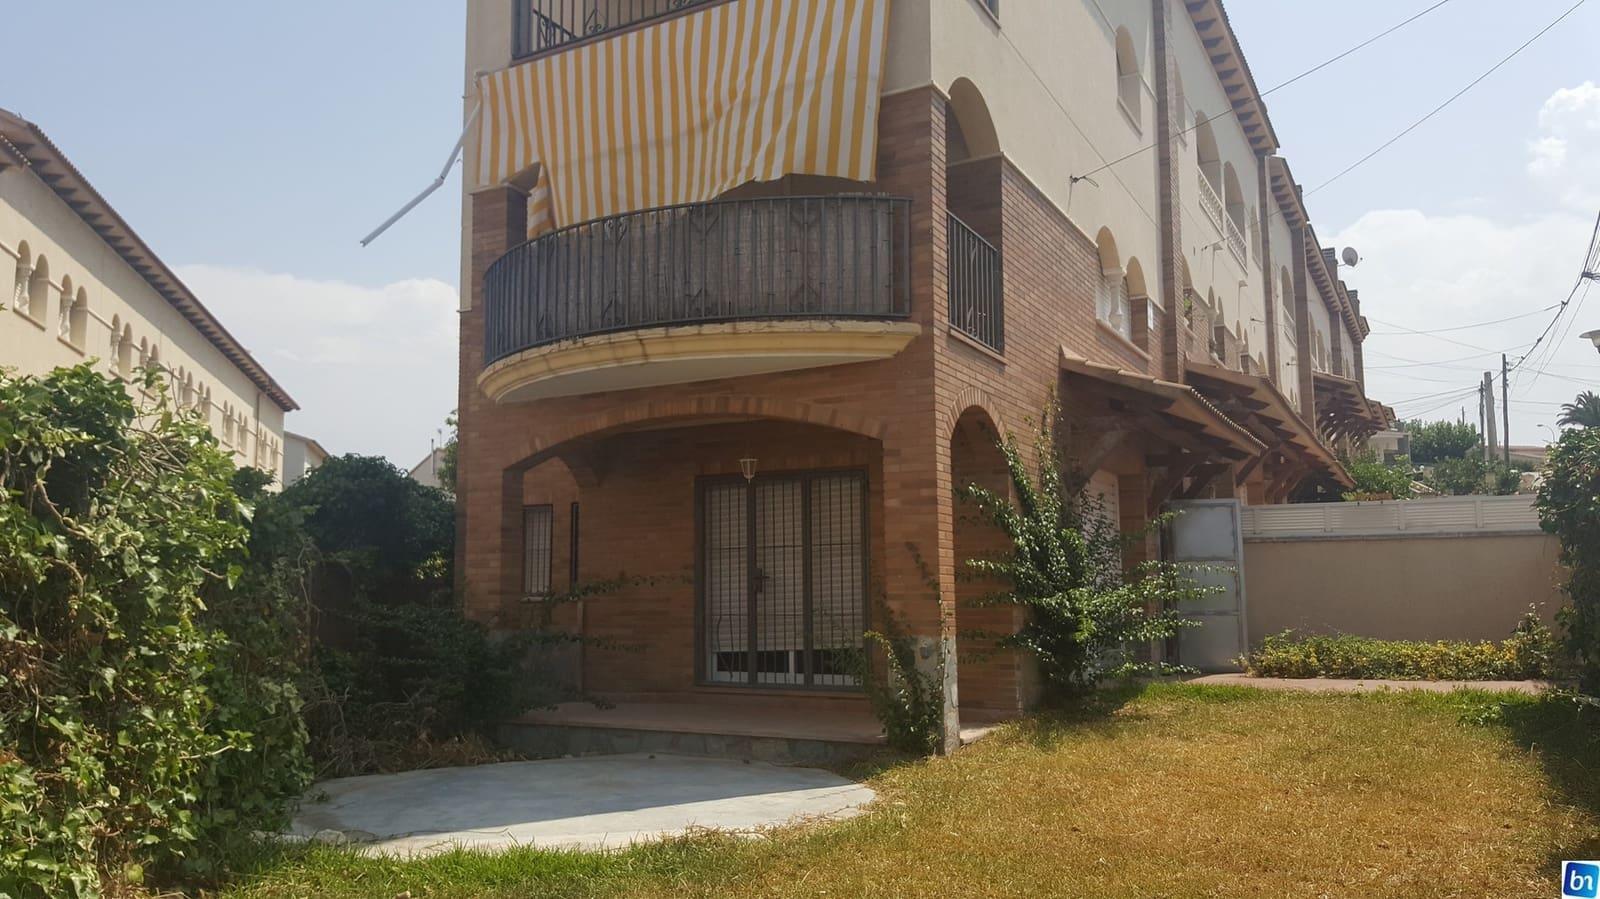 Adosado de 3 habitaciones en El Vendrell en venta - 193.400 € (Ref: 5009573)